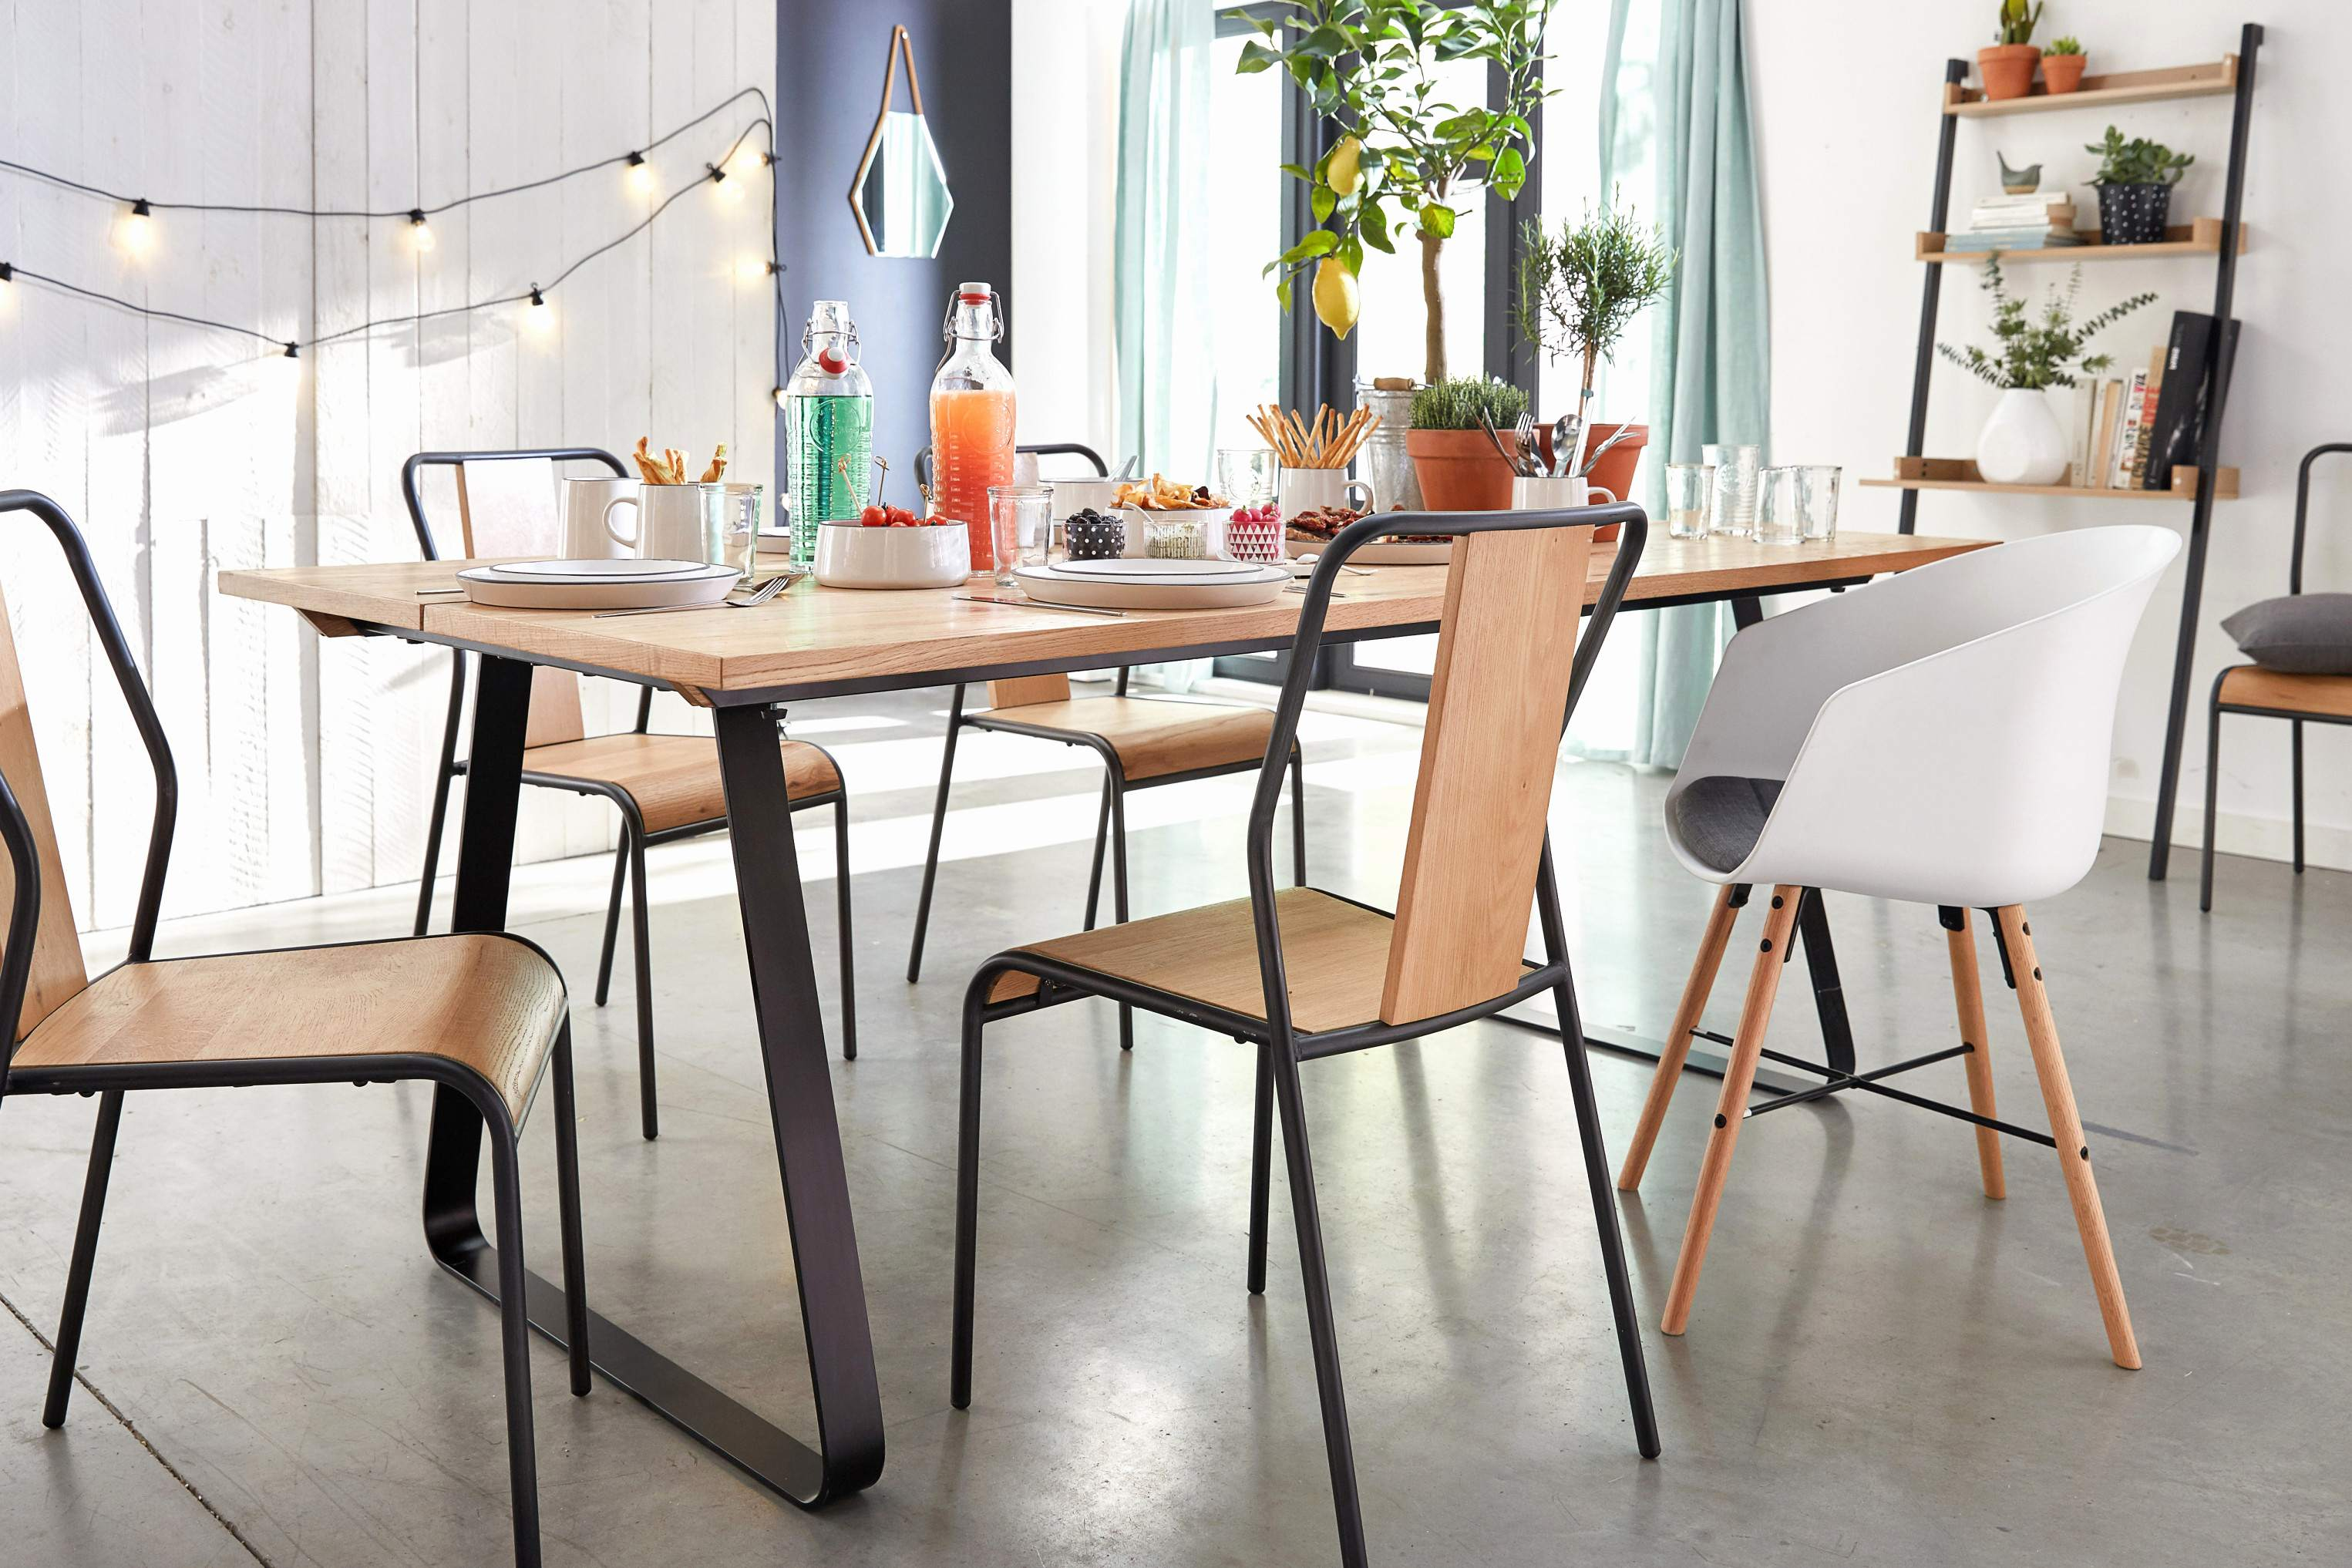 Alinea Chaise Cuisine Inspirant Images Chaise Cuisine Alinea Meilleur De Chaise De Style Frais Table Chaise